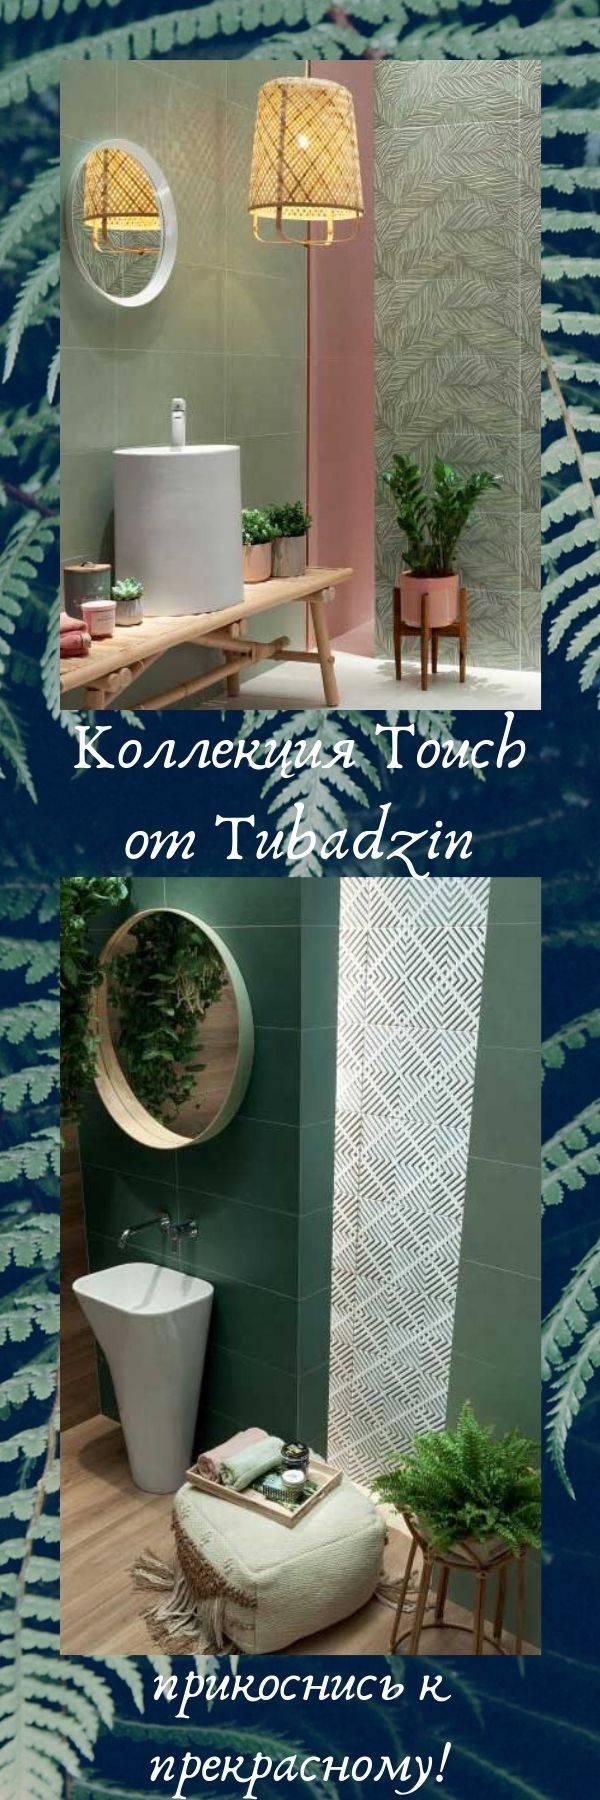 Плитка kerama marazzi (114 фото): особенности керамической продукции, популярные модели «кабанчик» и покрытия под дерево, отзывы